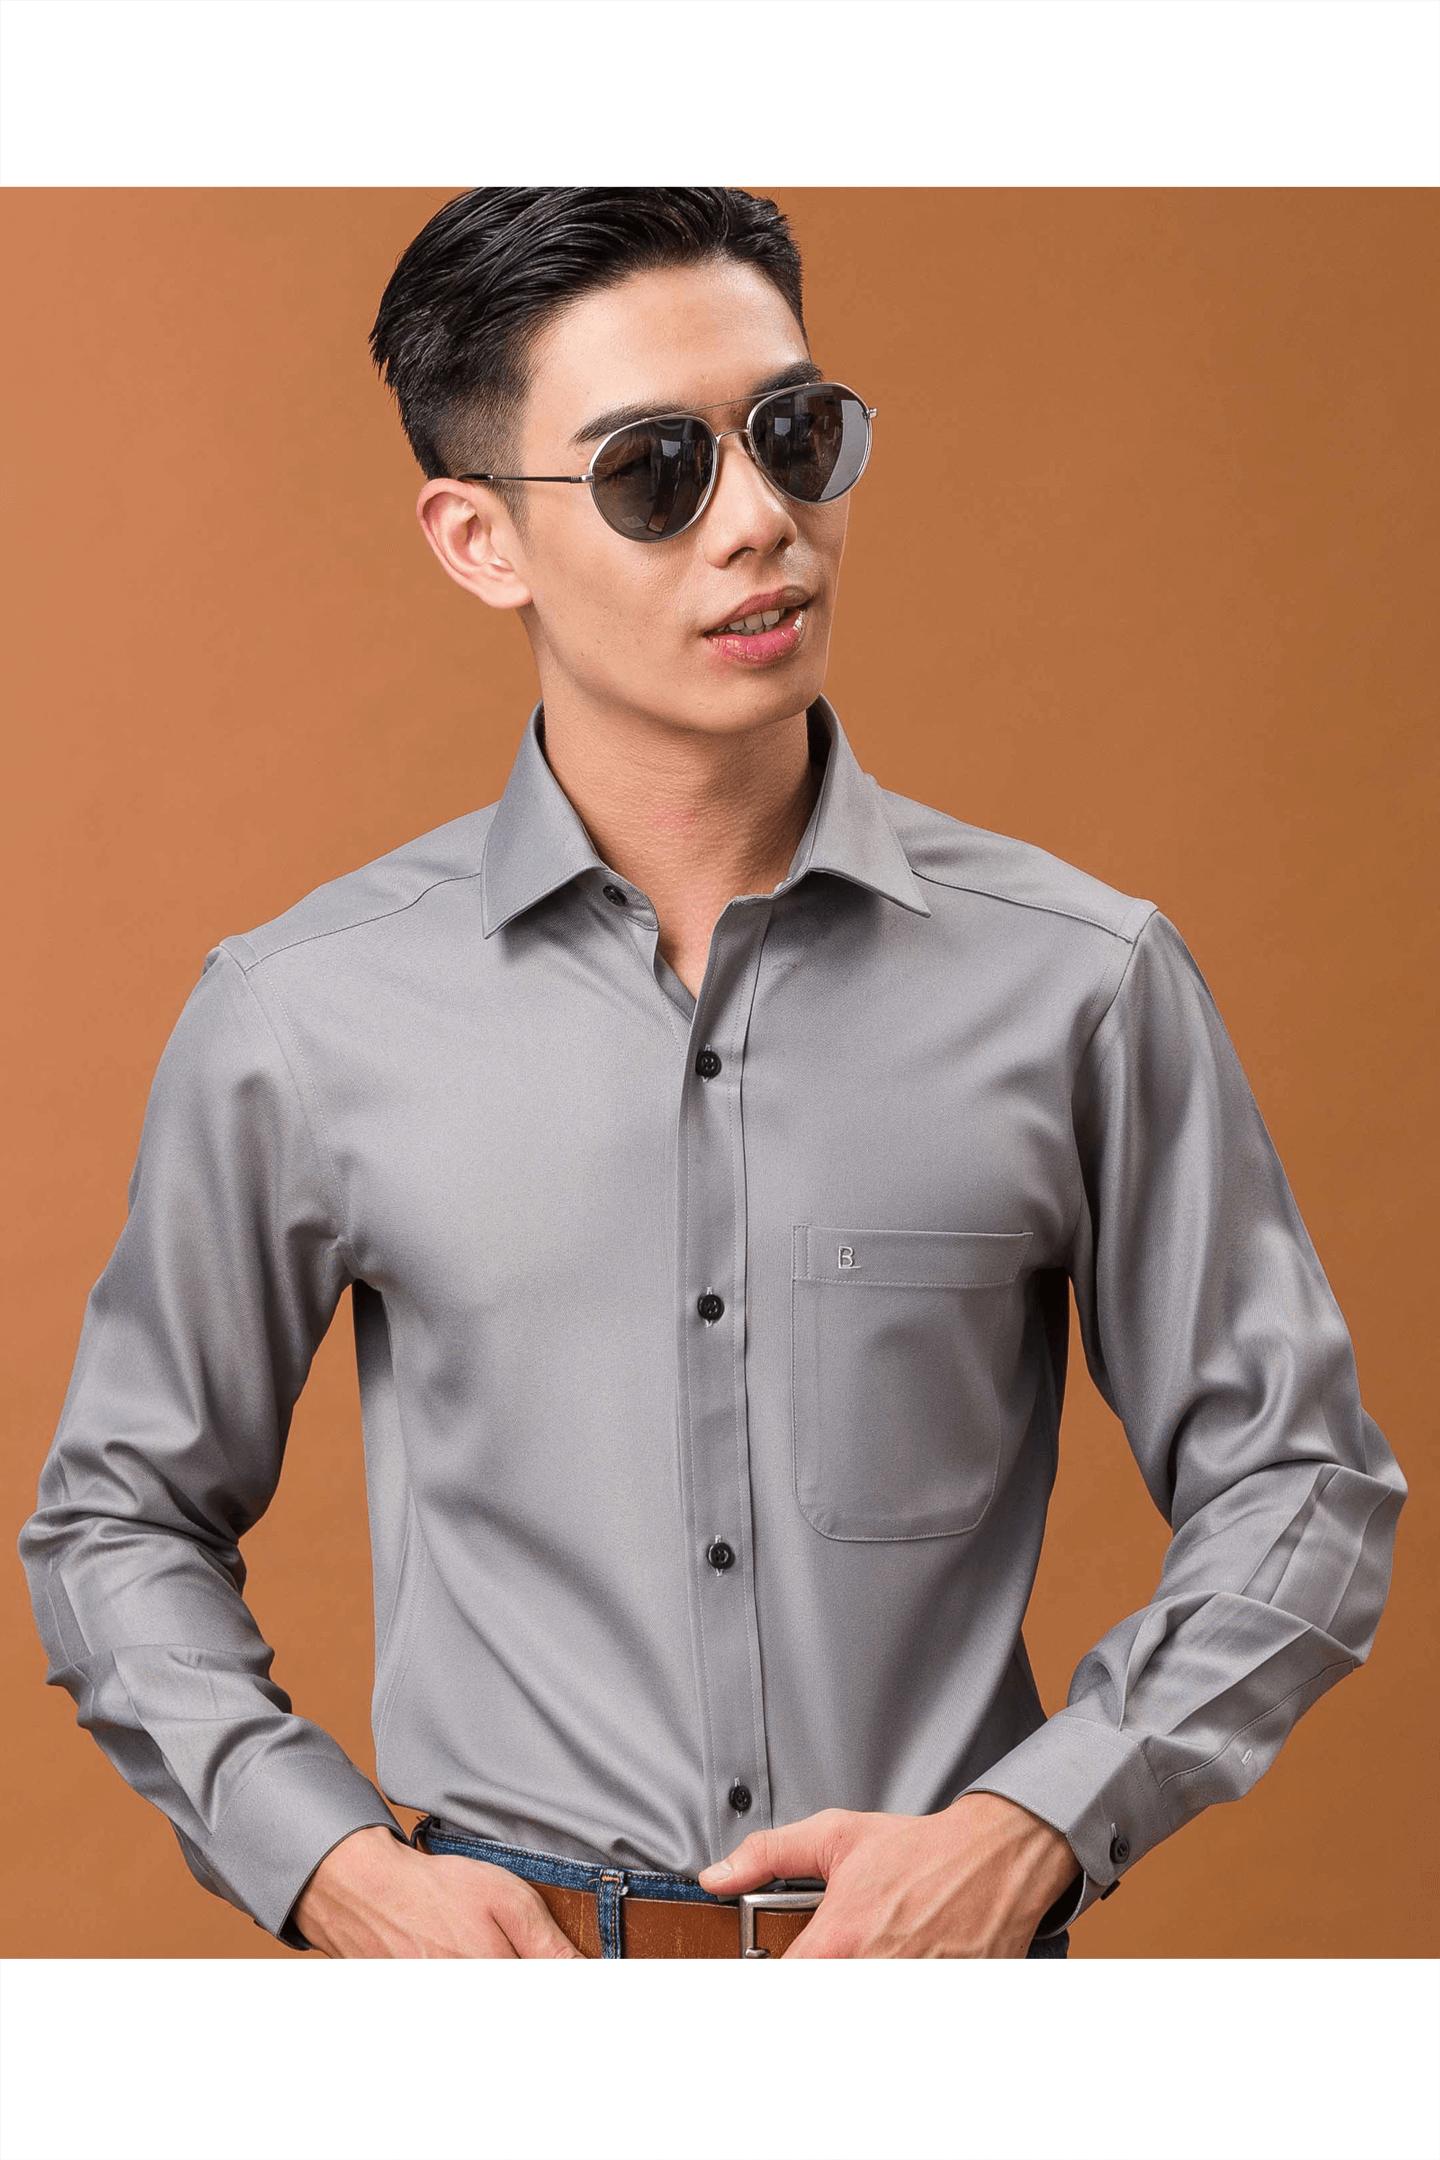 灰色斜紋長袖襯衫/抗皺 舒適透氣<br />